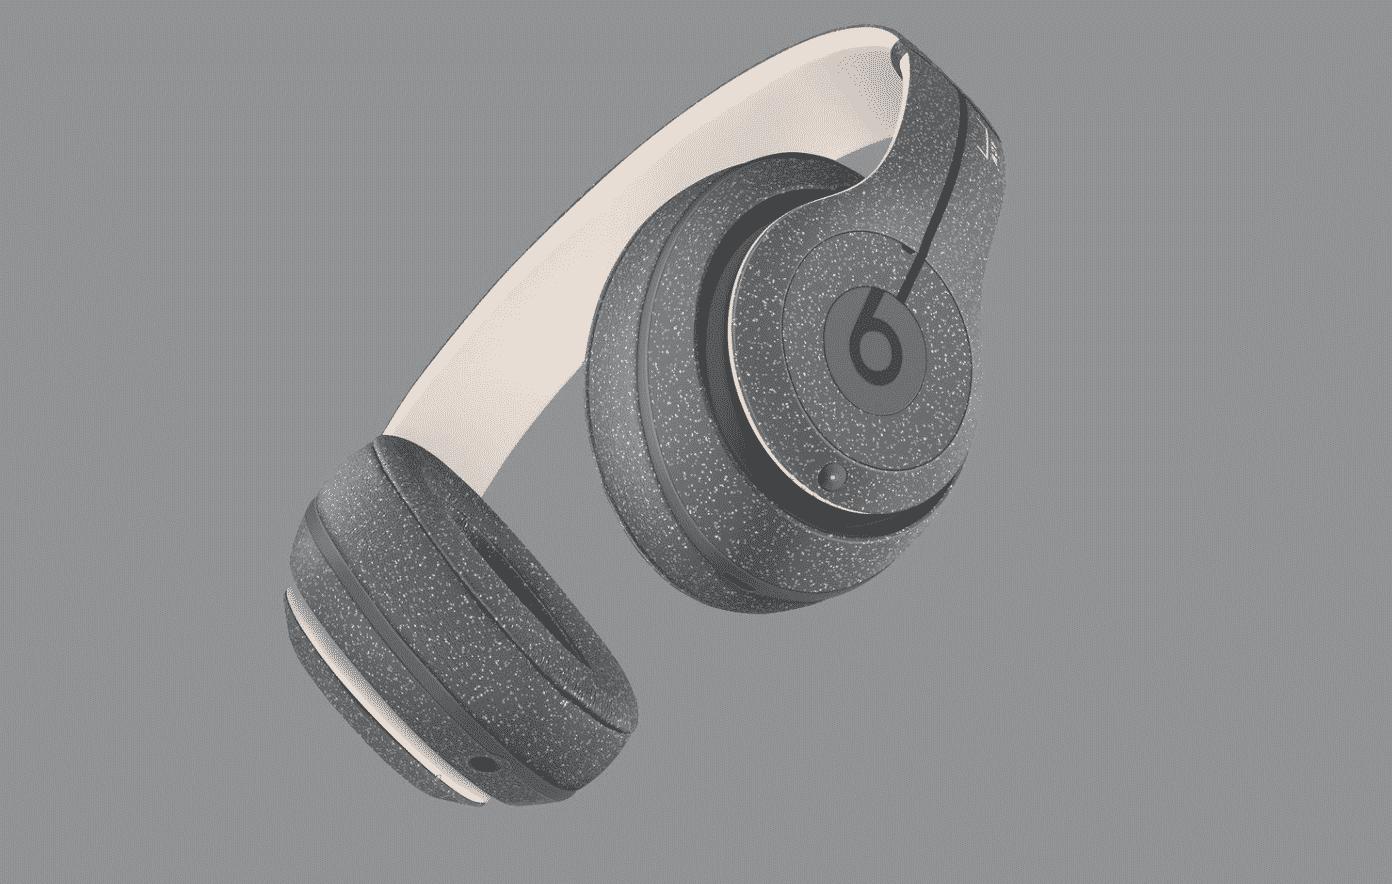 Beats Studio3 Headphones